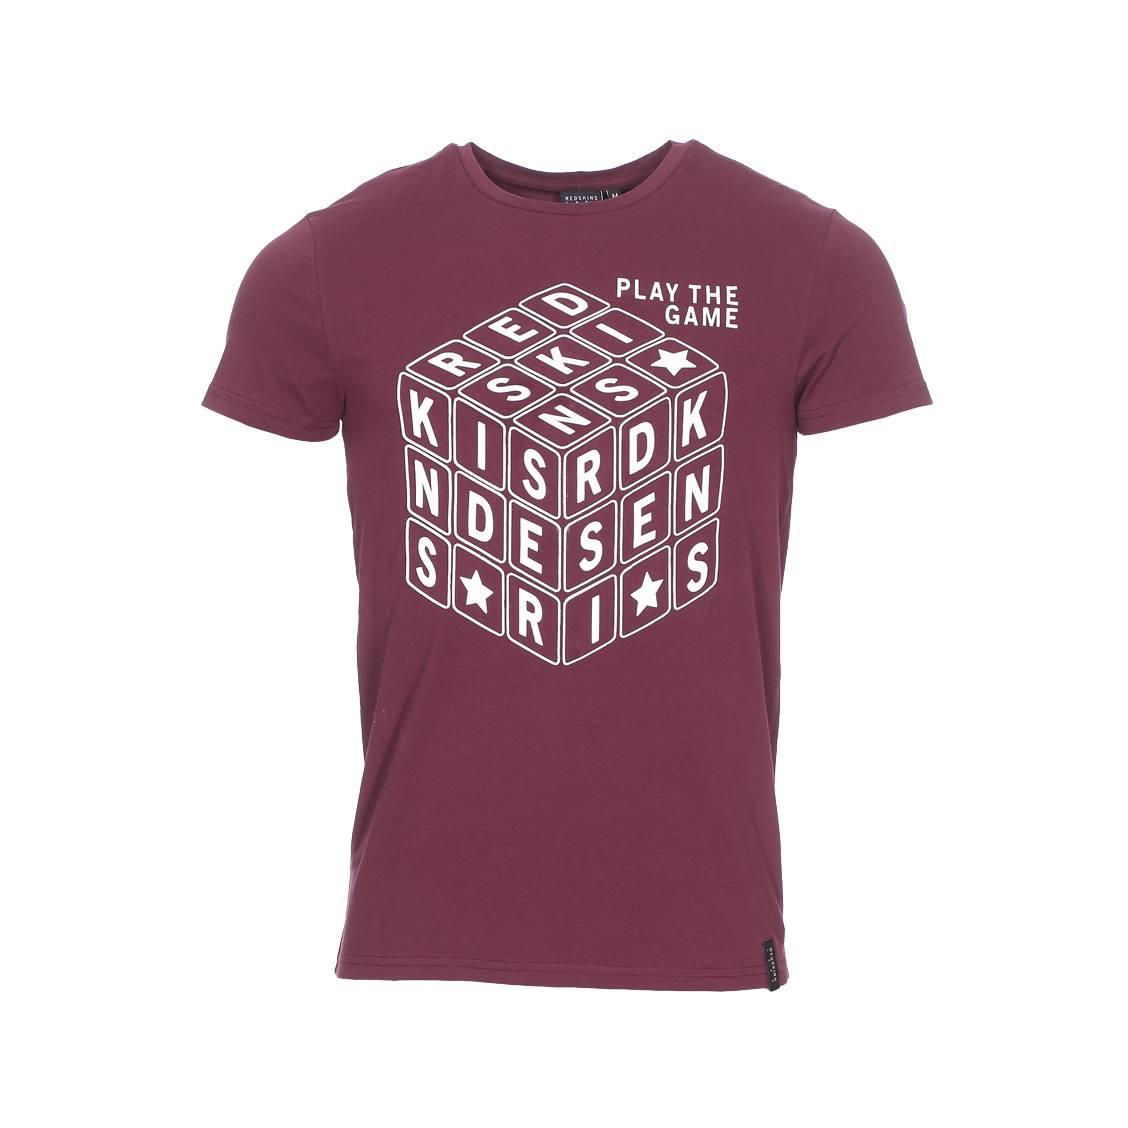 Tee-shirt col rond  dreker en coton stretch bordeaux floqué